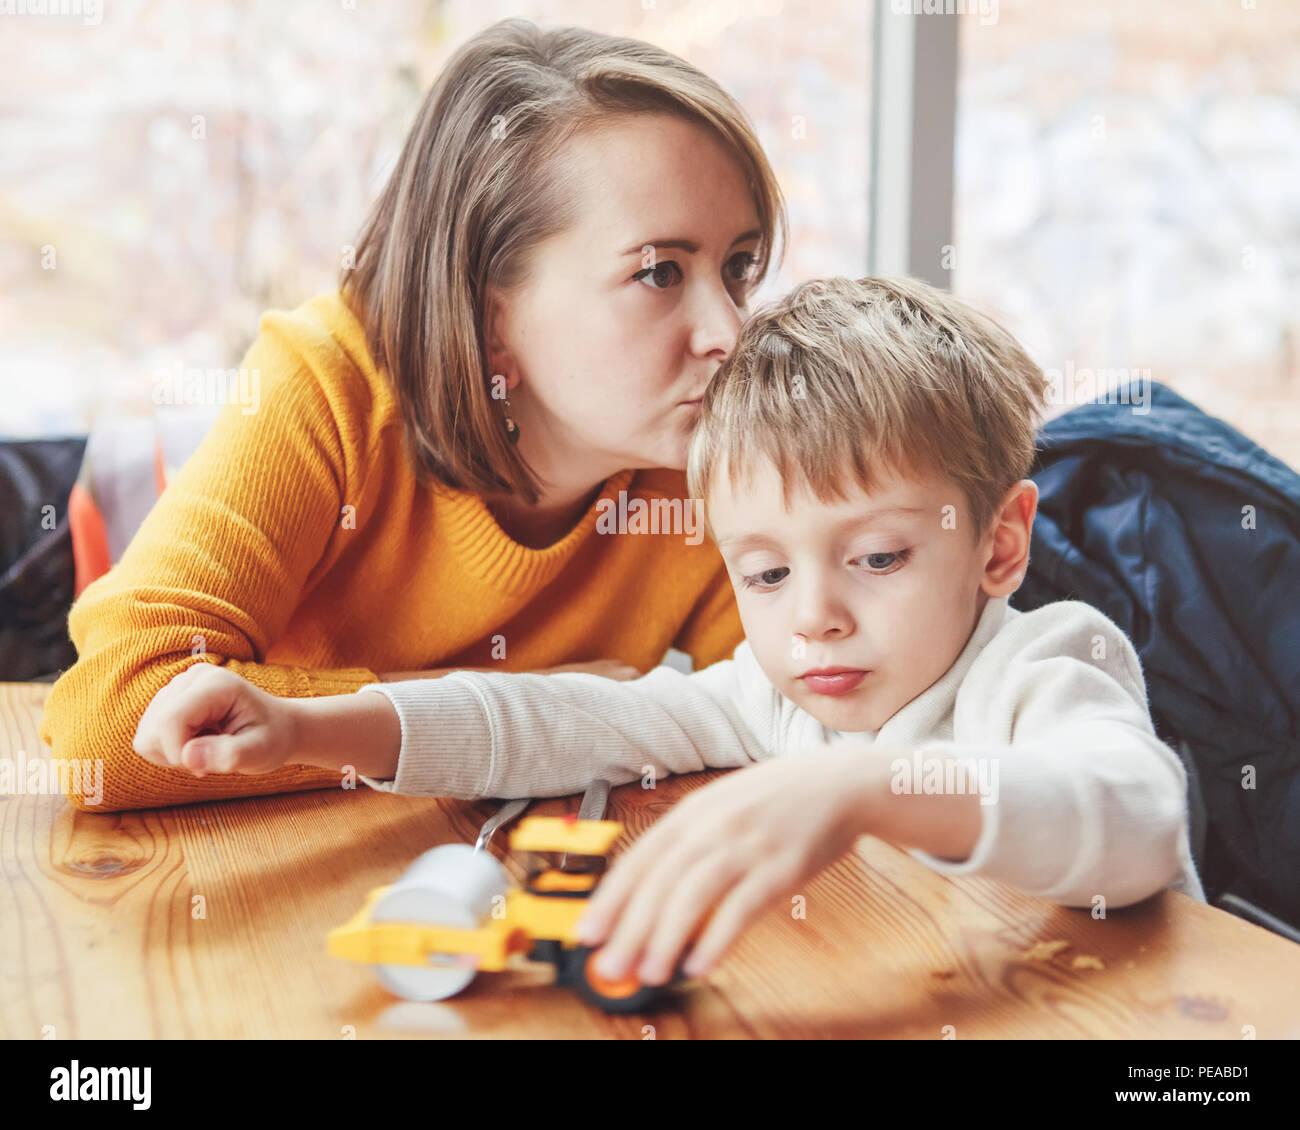 Ritratto di white Caucasian famiglia felice, madre e figlio seduti al ristorante cafe a tavola, kissing giocando con il giocattolo auto, autentico stile di vita Immagini Stock